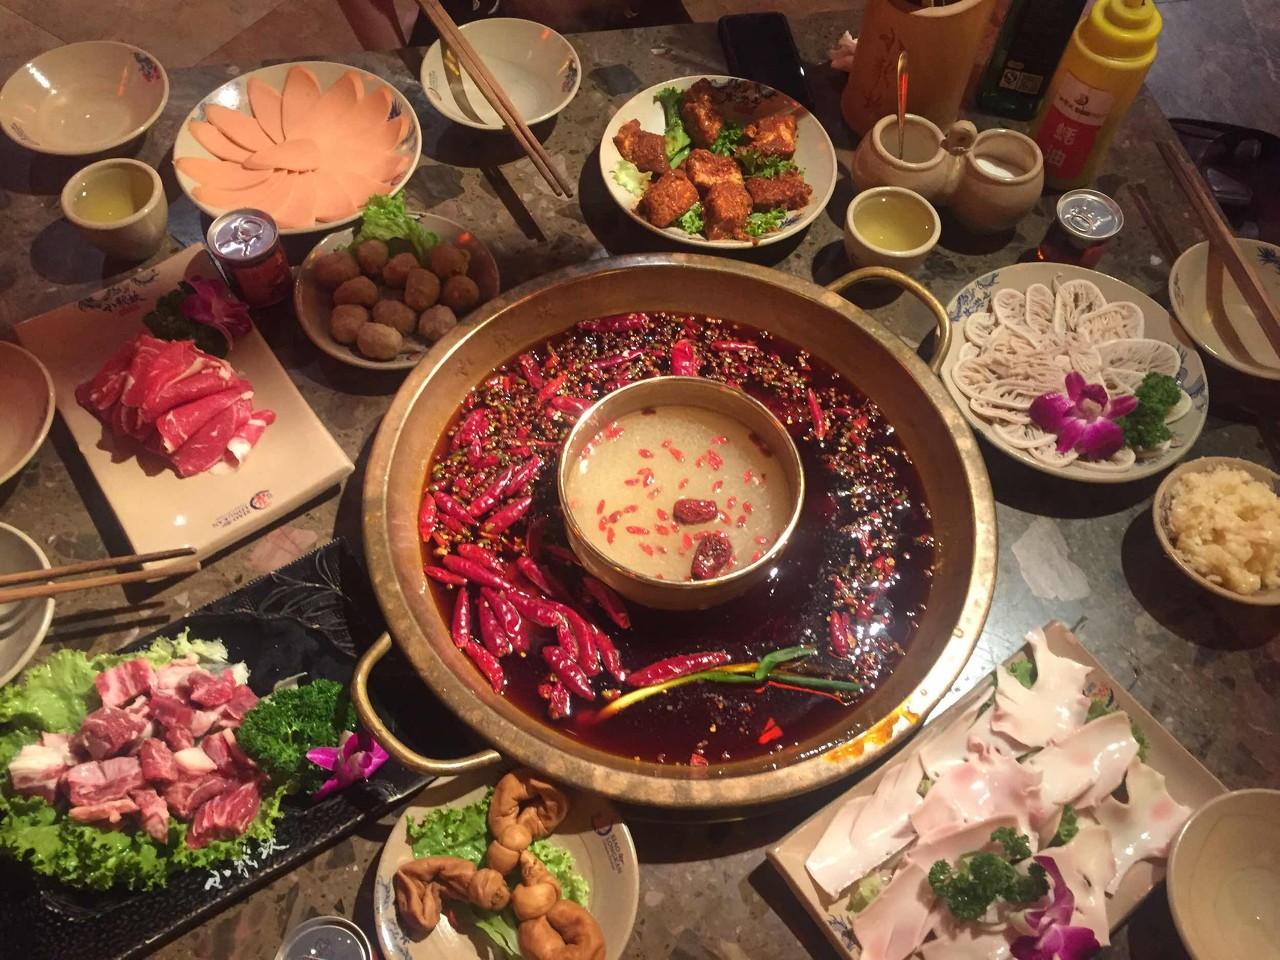 重庆火锅行业全线飘红 国庆假期游客在重庆吃了一千万桌火锅